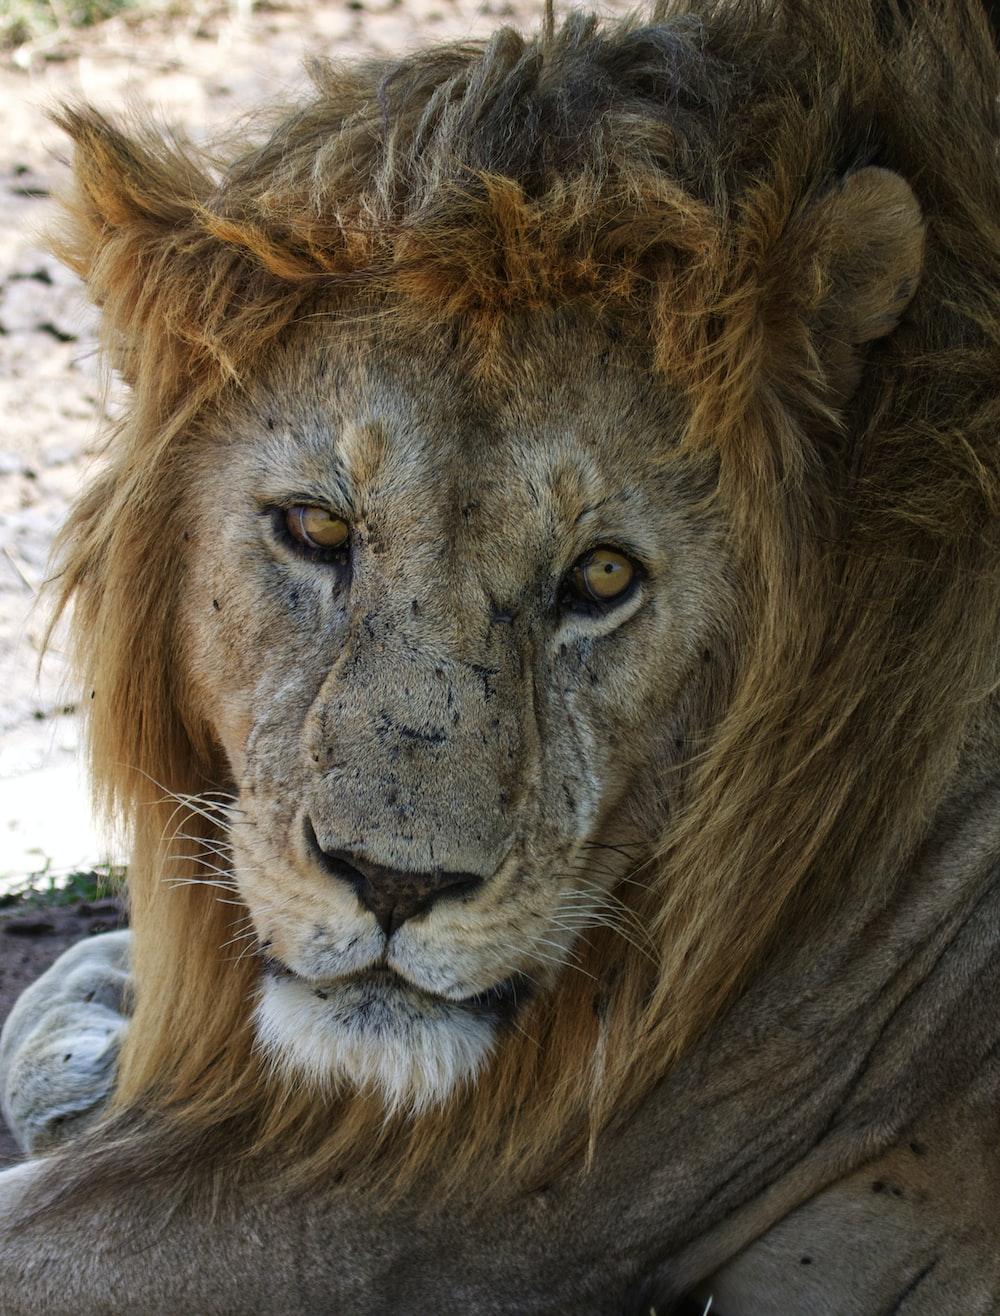 closeup photography of lion face